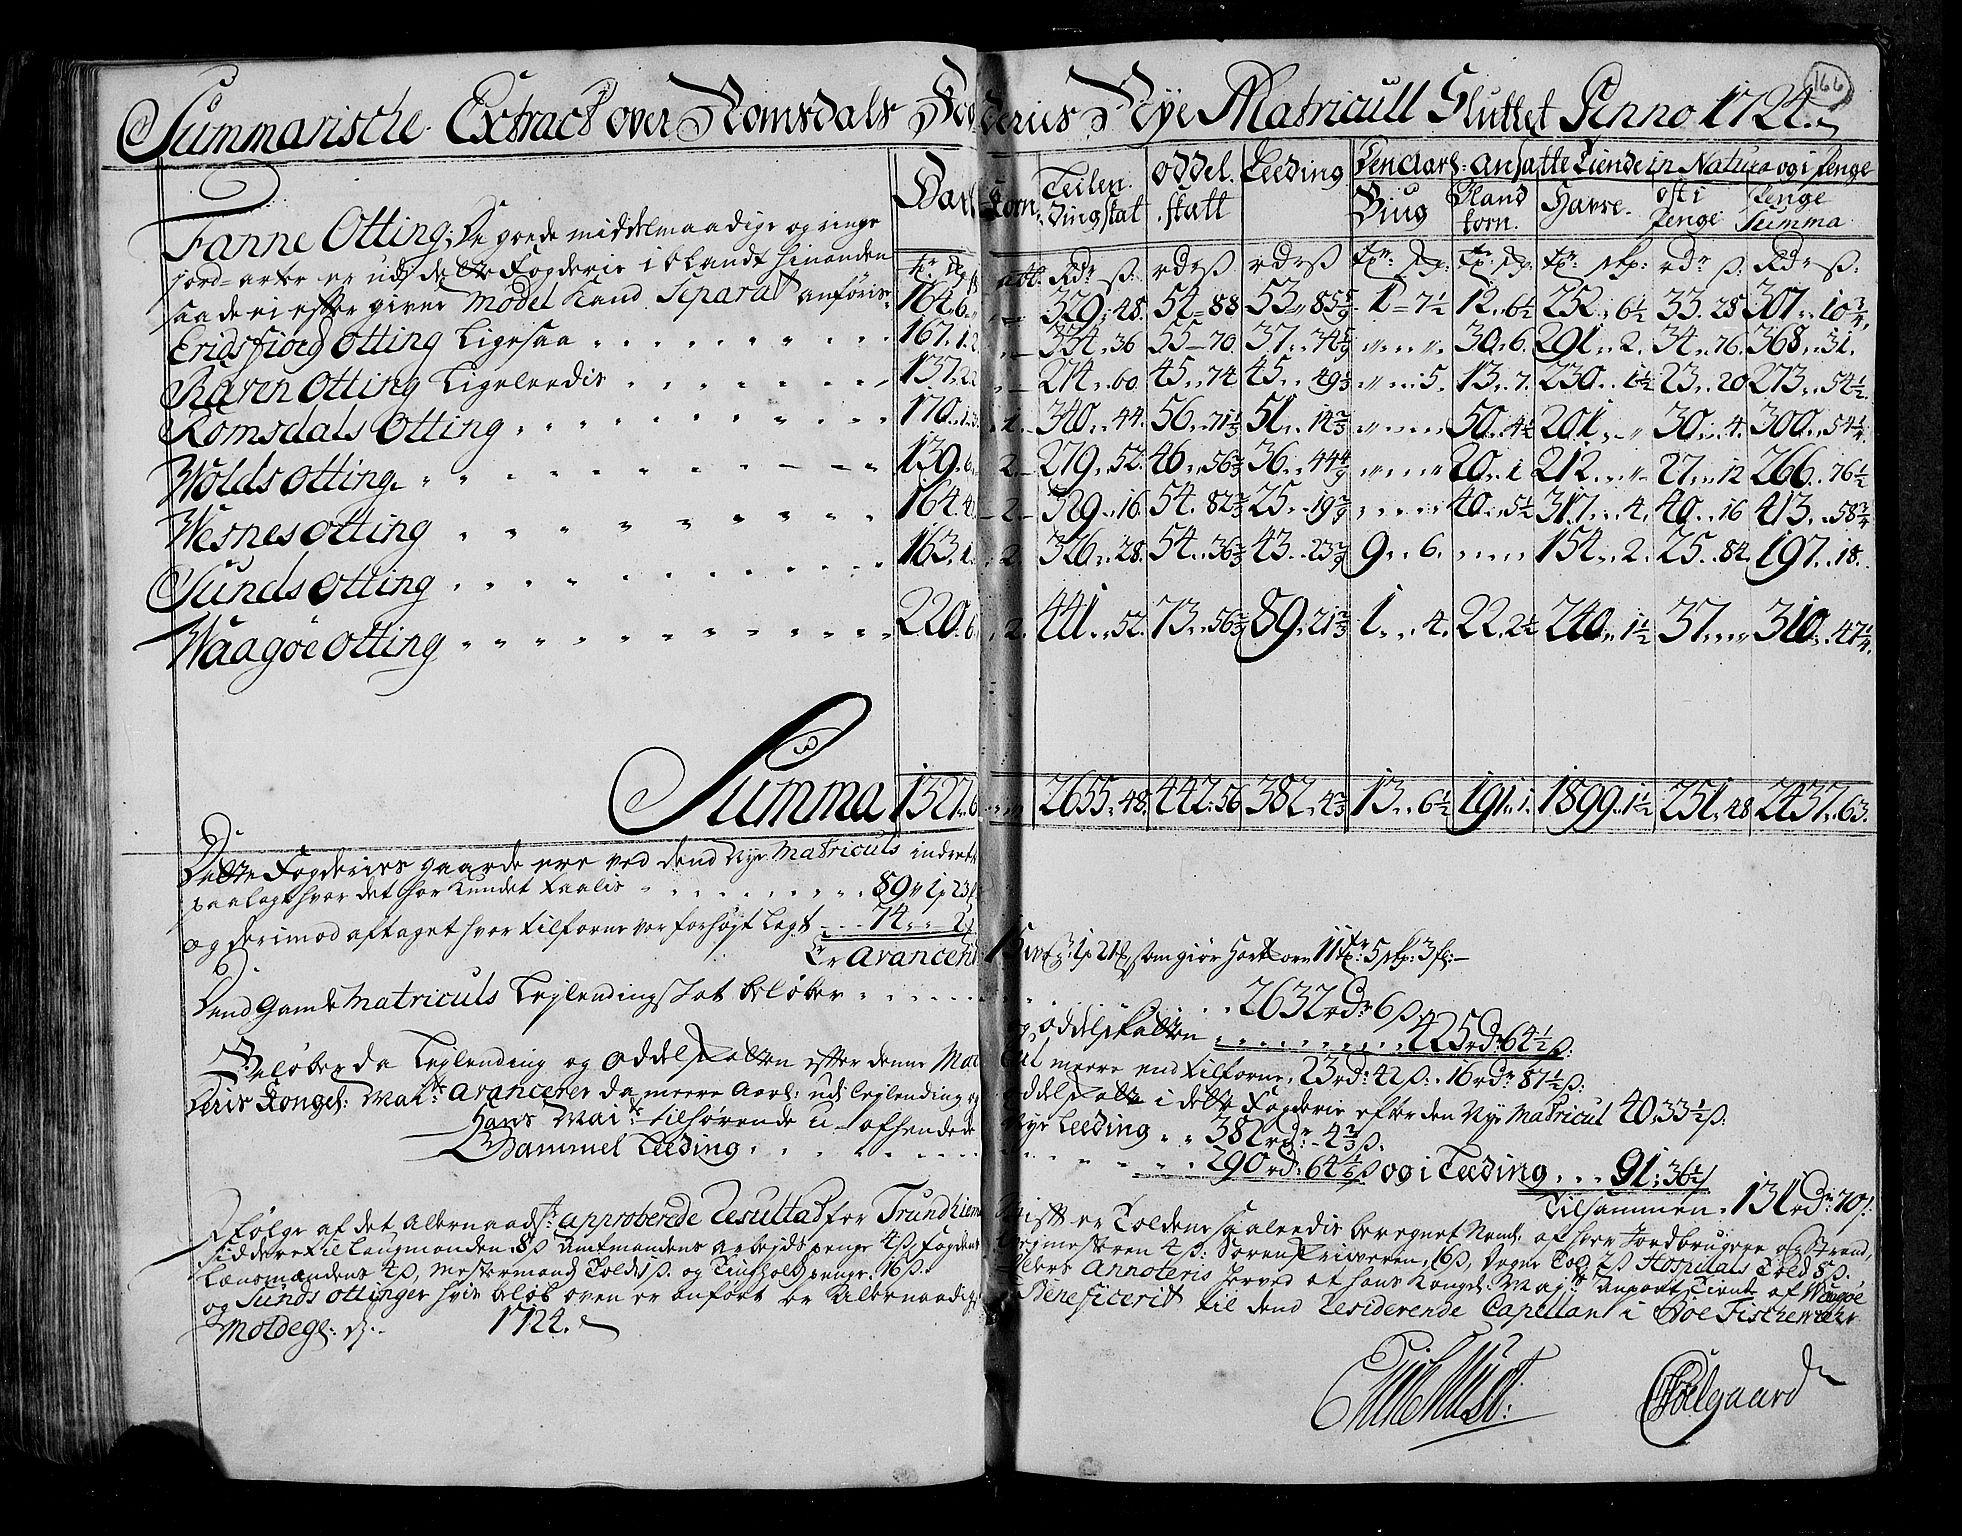 RA, Rentekammeret inntil 1814, Realistisk ordnet avdeling, N/Nb/Nbf/L0153: Romsdal matrikkelprotokoll, 1724, s. 165b-166a